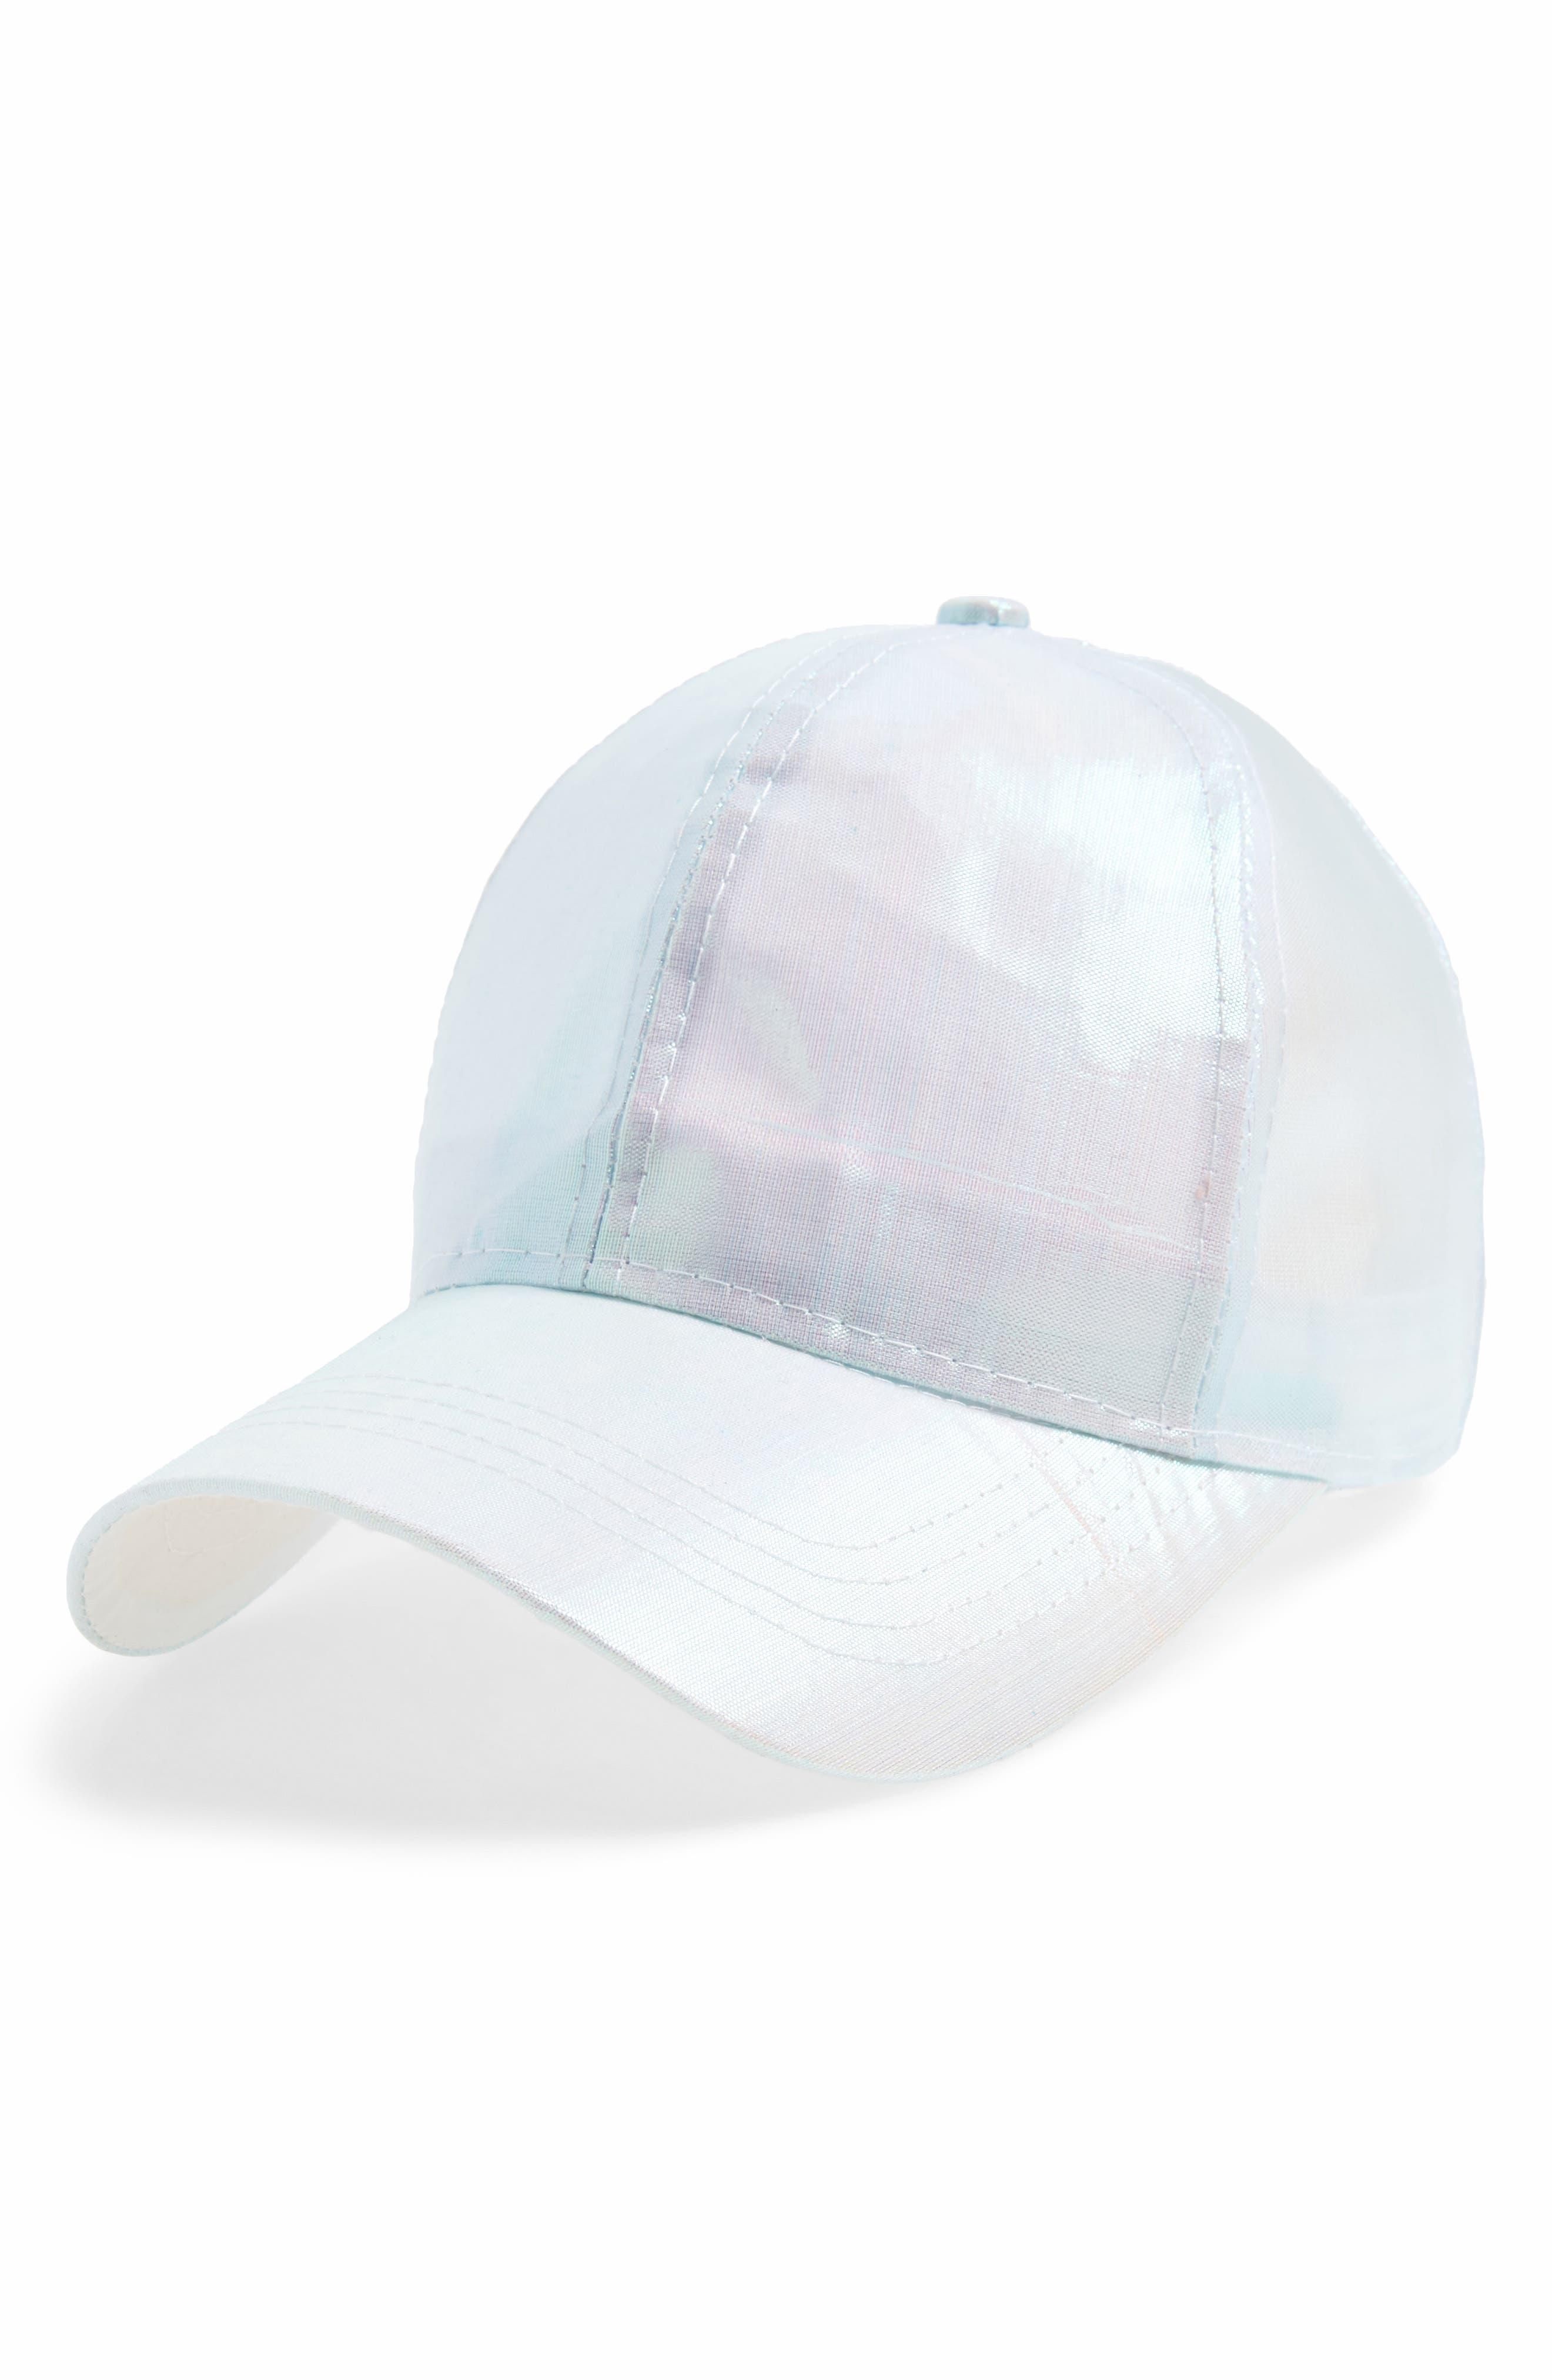 Cara Iridescent Ball Cap,                         Main,                         color, 400